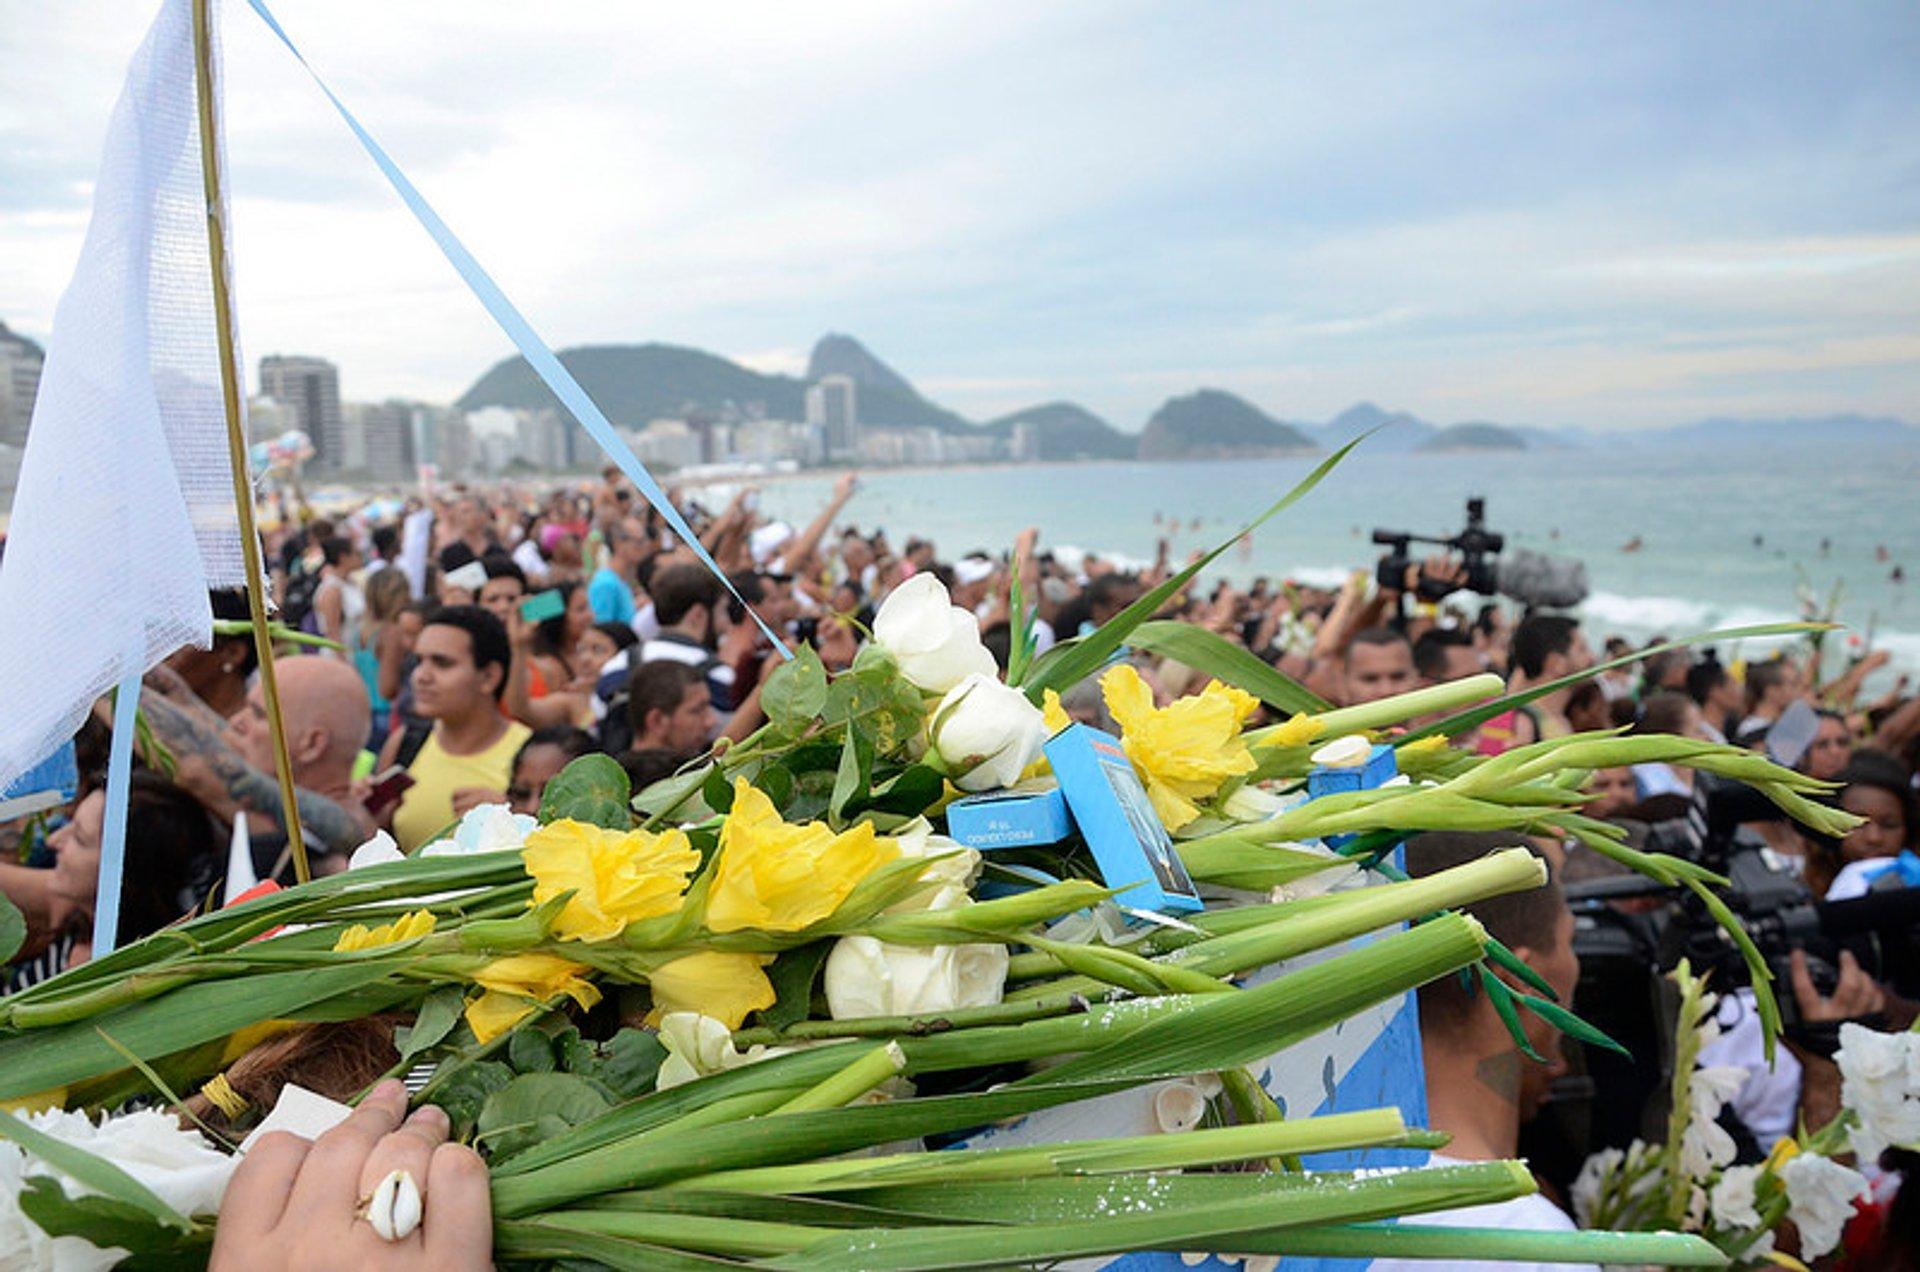 Best time to see Festa da Iemanjá in Rio de Janeiro 2019